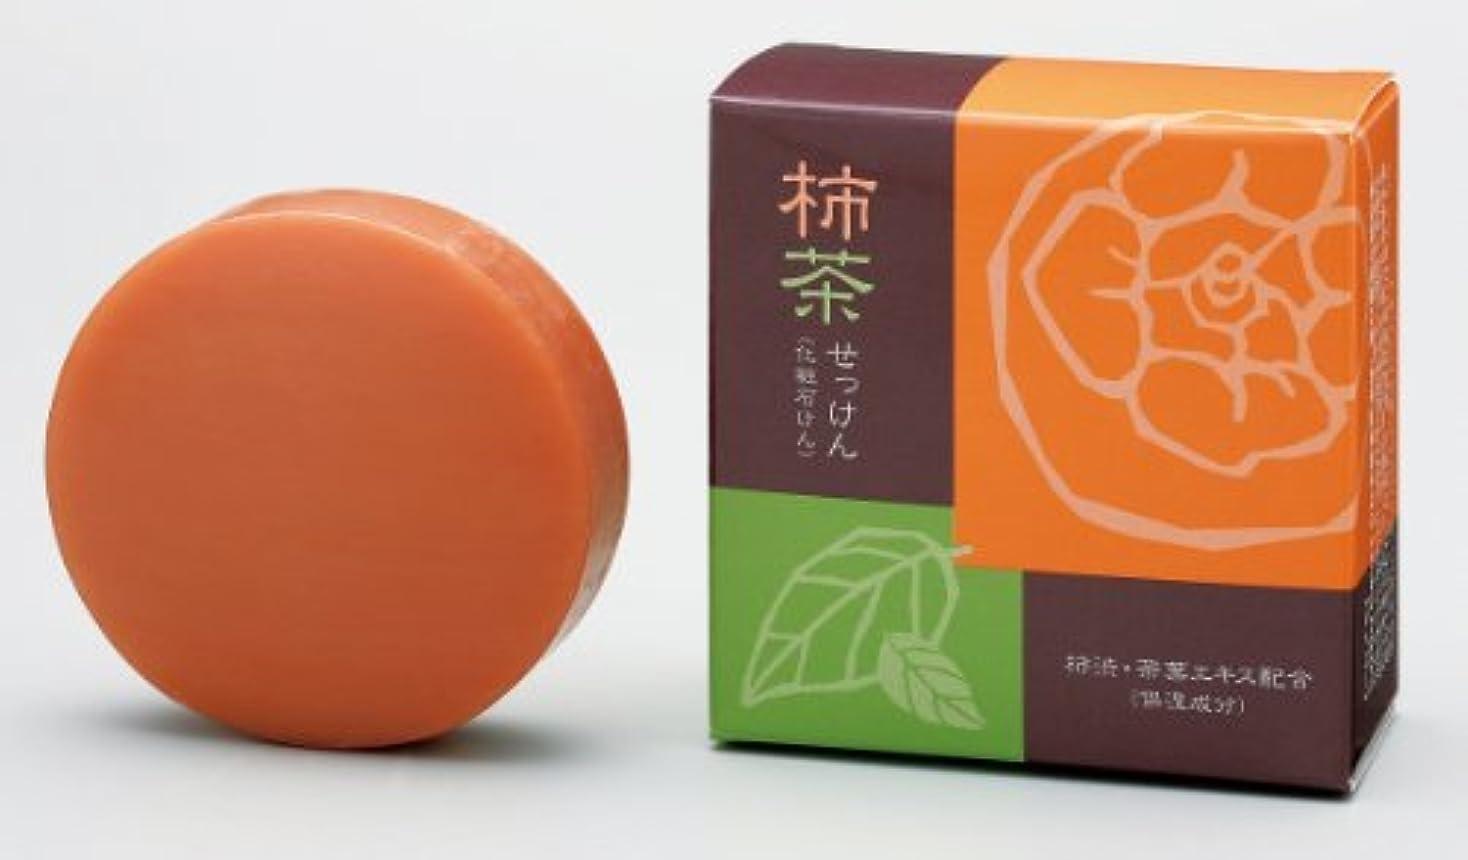 雑品デンプシー含意柿茶石けん 6個組